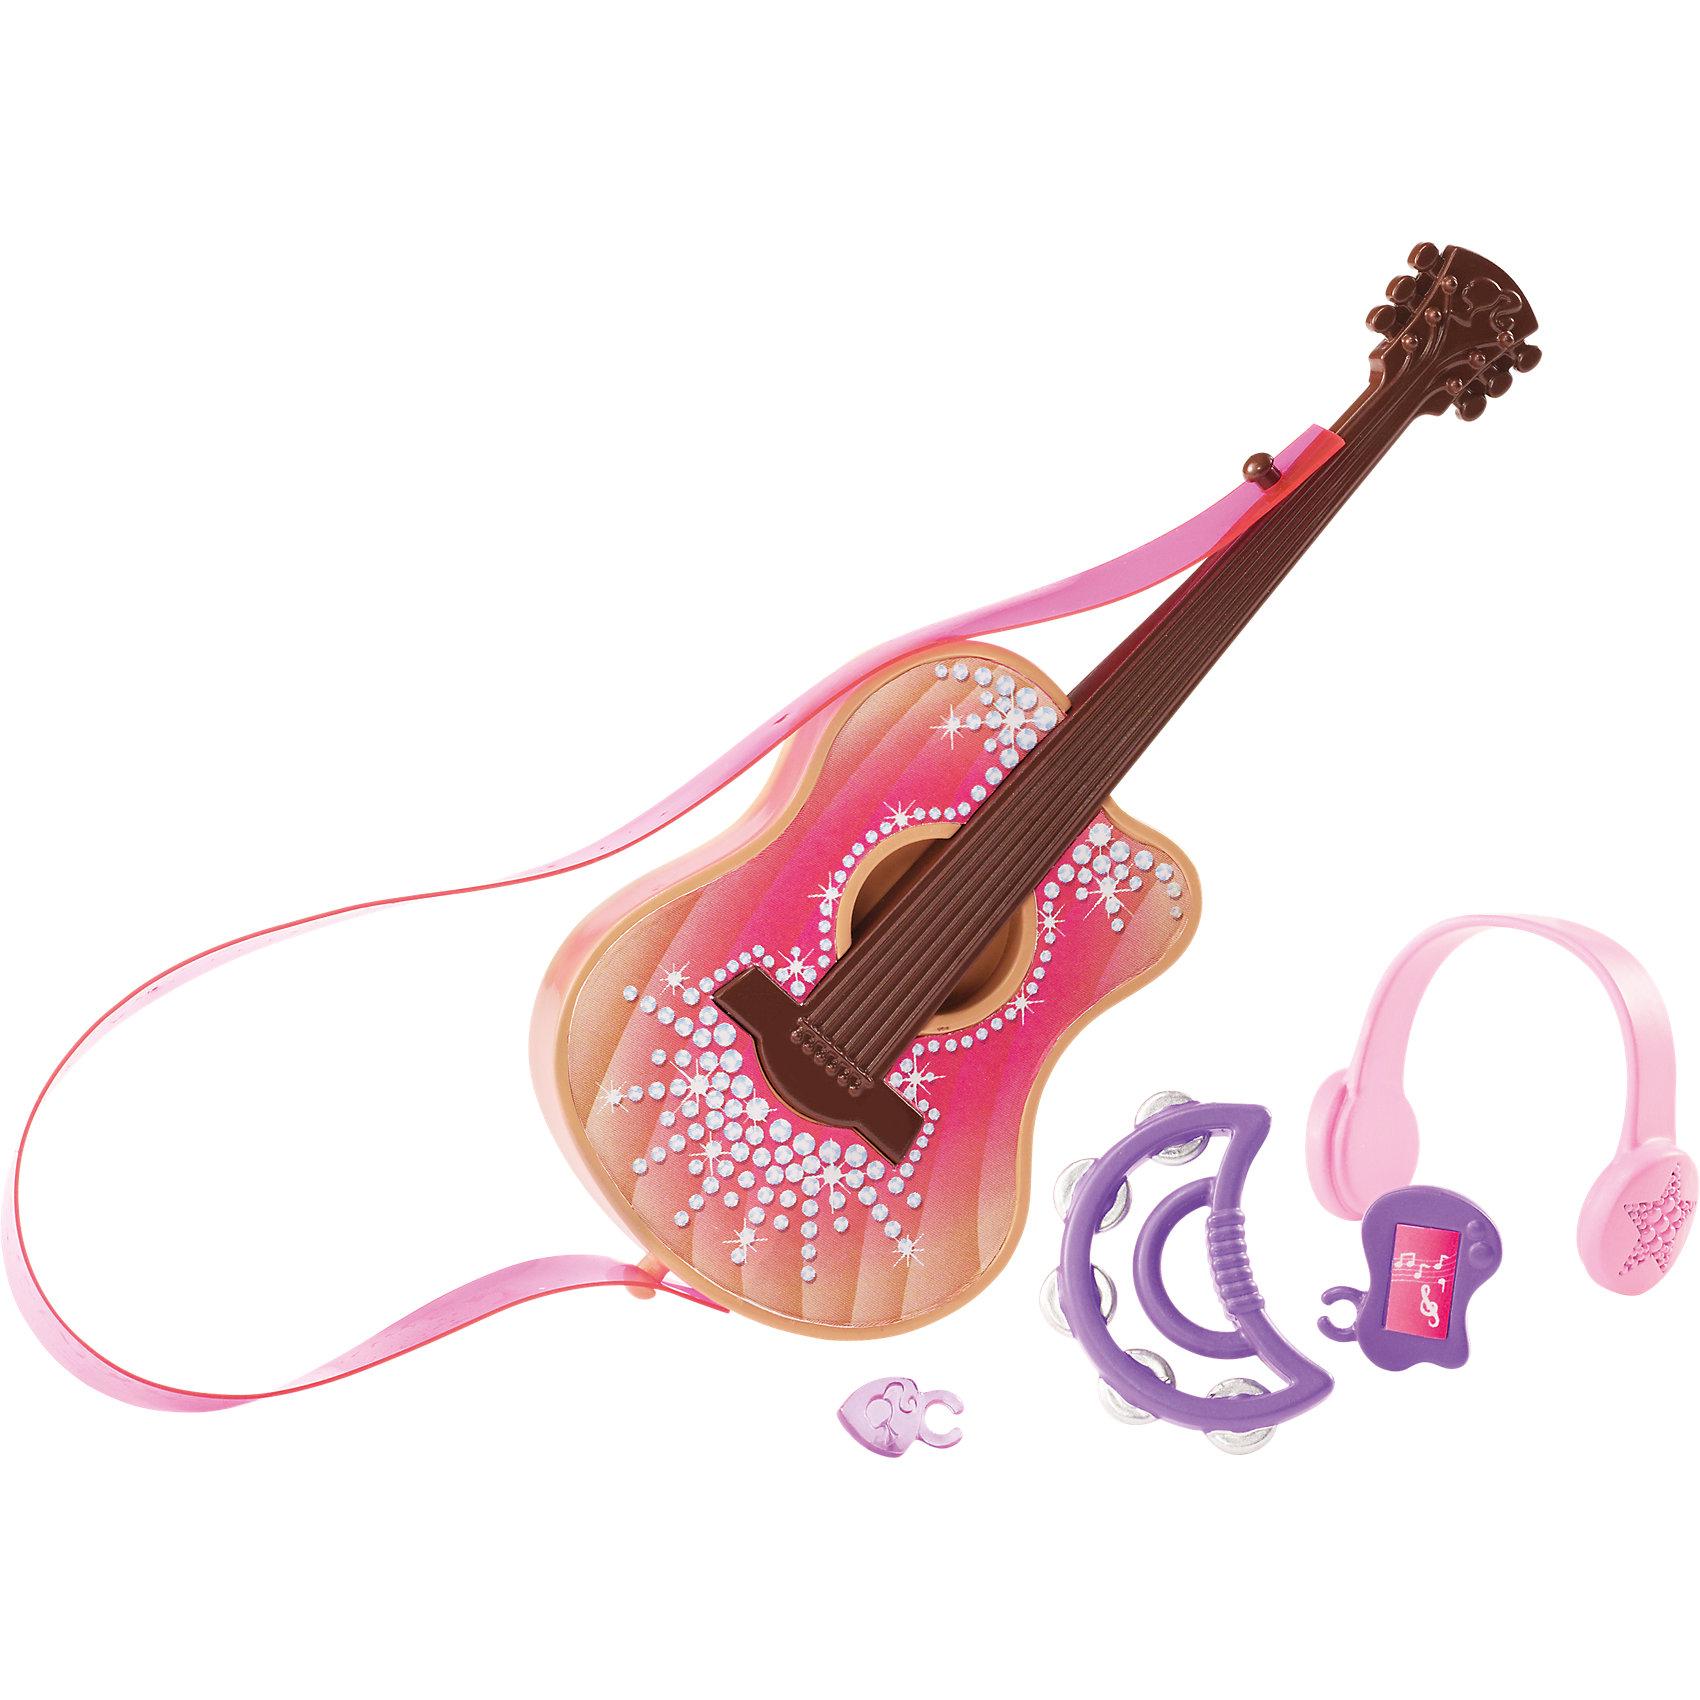 Мини-набор для декора дома Гитара, BarbieХарактеристики товара:<br><br>• комплектация: гитара, наушники, бубен<br>• материал: пластик<br>• кукла продается отдельно<br>• упаковка: блистер<br>• возраст: от трех лет<br>• страна производства: Китай<br>• страна бренда: США<br><br>Этот симпатичный набор и поможет разнообразить игры с любимой куклой! В него входят вещи для детализации жизни куклы. Такой комплект станет великолепным подарком для девочек!<br><br>Куклы - это не только весело, они помогают девочкам развить вкус и чувство стиля, отработать сценарии поведения в обществе, развить воображение и мелкую моторику. Кукла Barbie от бренда Mattel не перестает быть популярной! <br><br>Мини-набор для декора дома Гитара от компании Mattel можно купить в нашем интернет-магазине.<br><br>Ширина мм: 157<br>Глубина мм: 78<br>Высота мм: 22<br>Вес г: 33<br>Возраст от месяцев: 36<br>Возраст до месяцев: 96<br>Пол: Женский<br>Возраст: Детский<br>SKU: 3939444